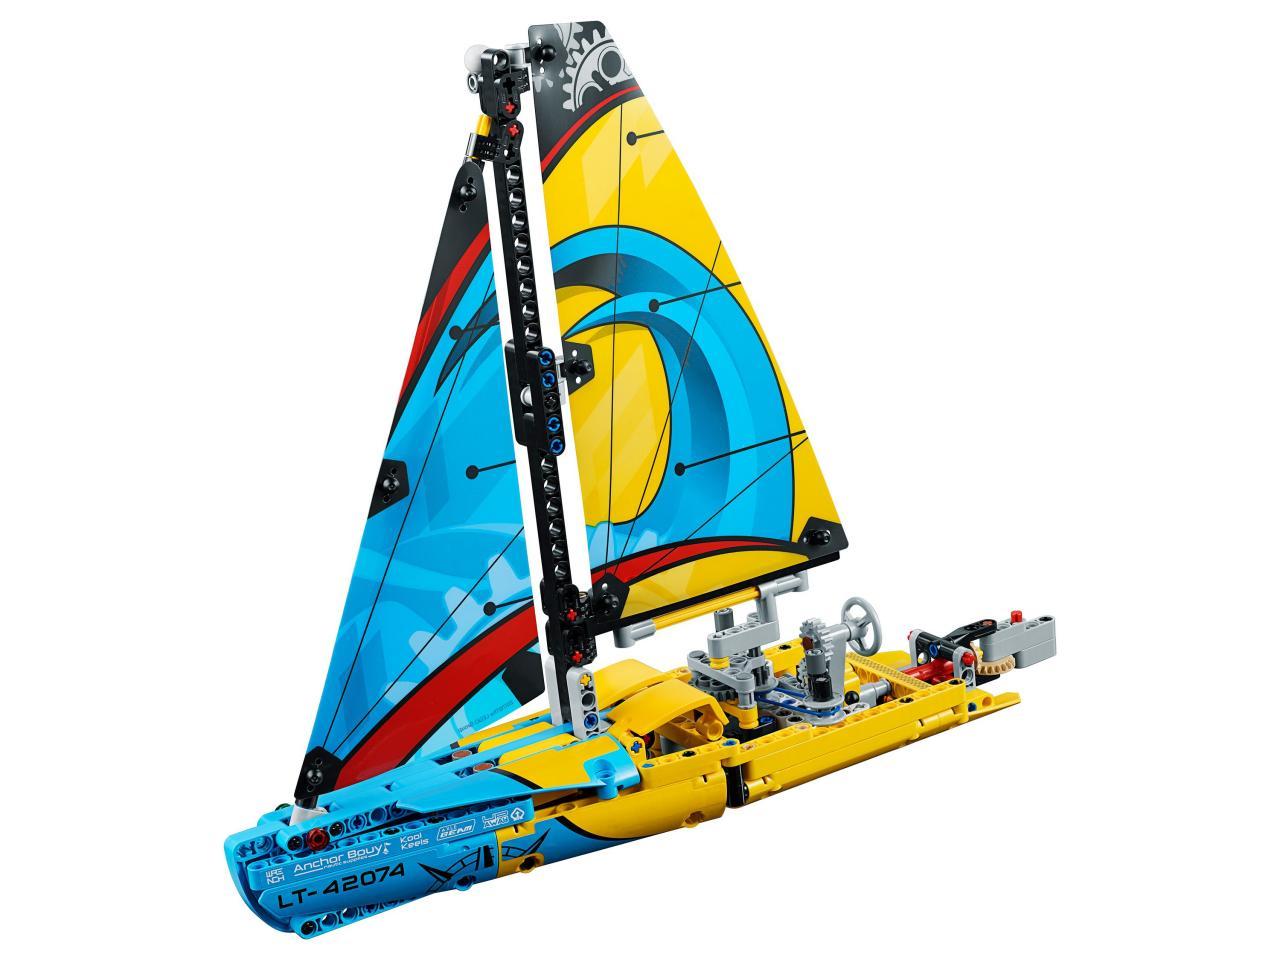 Купить Конструктор LEGO 42074 Technic Гоночная яхта, пластик, Для мальчиков и девочек, Дания, Конструкторы